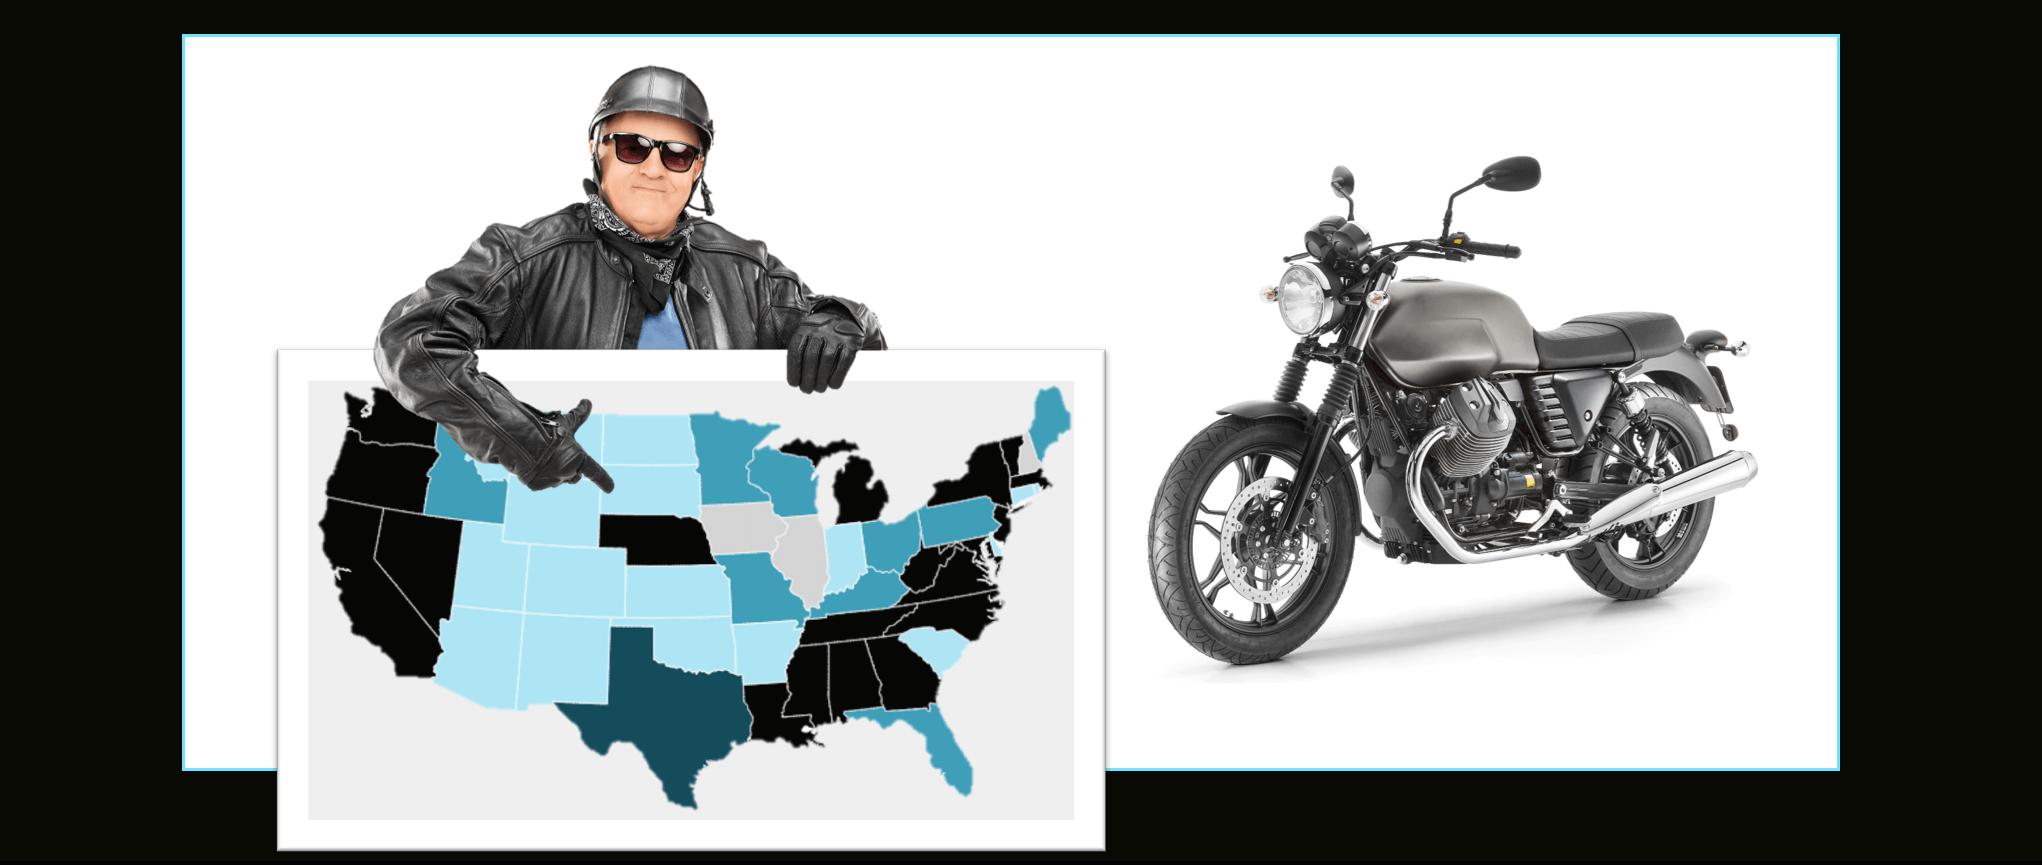 motorcycle helmet laws by state homepage image